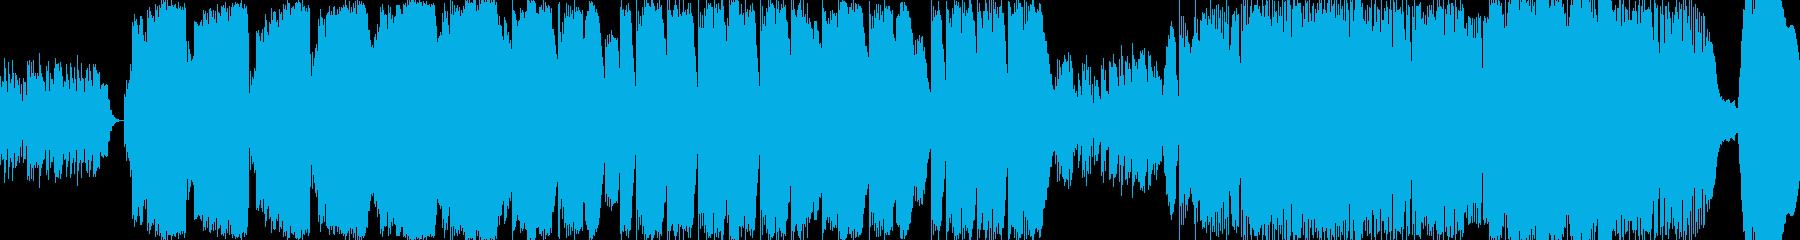 大空を飛ぶ鳥をイメージしたmellowの再生済みの波形